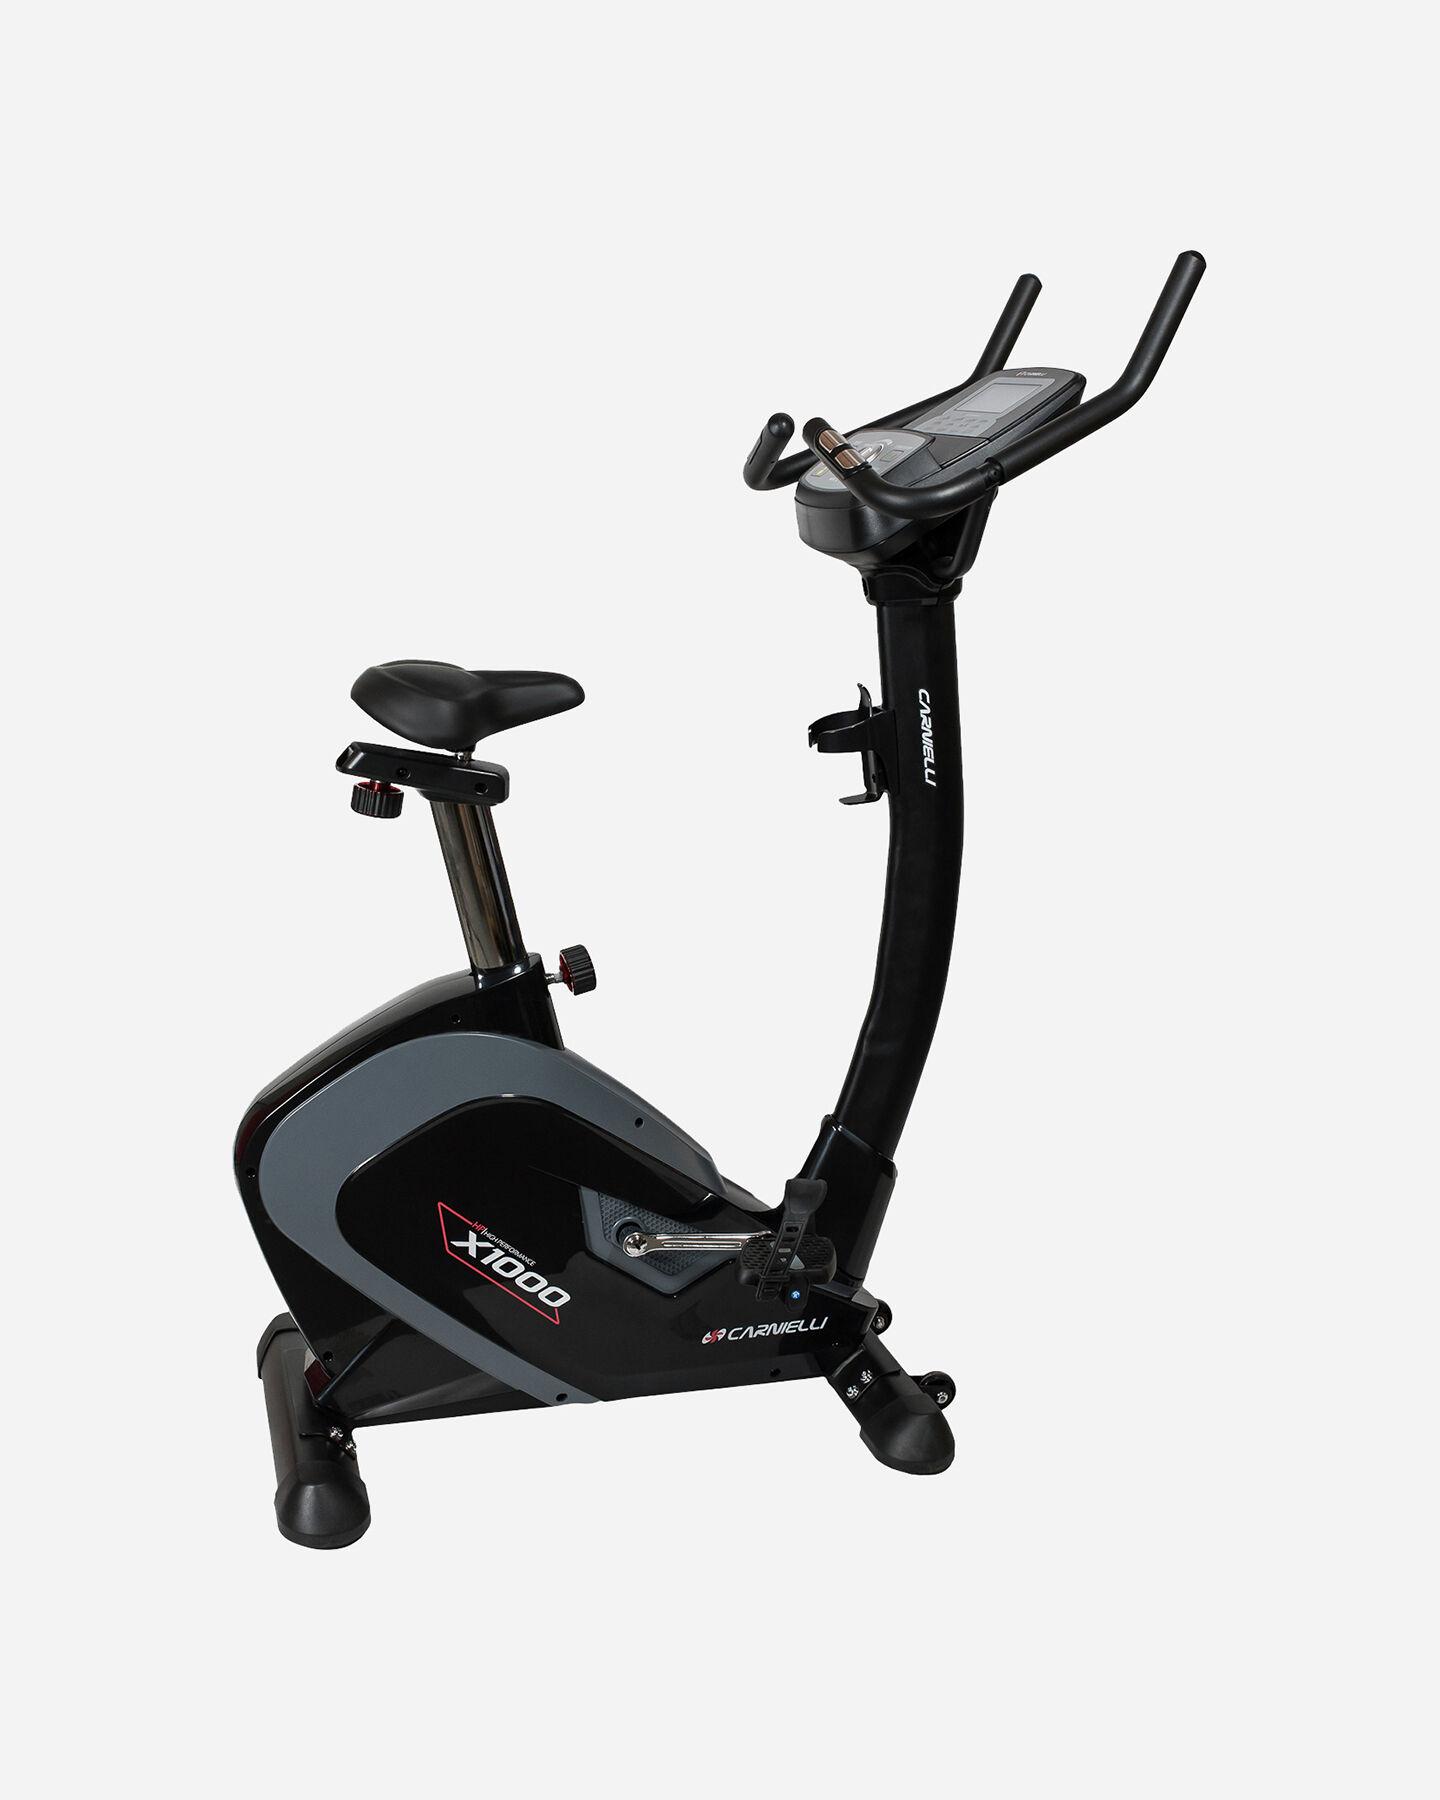 Cyclette CARNIELLI X-1000 S4019890 1 UNI scatto 0